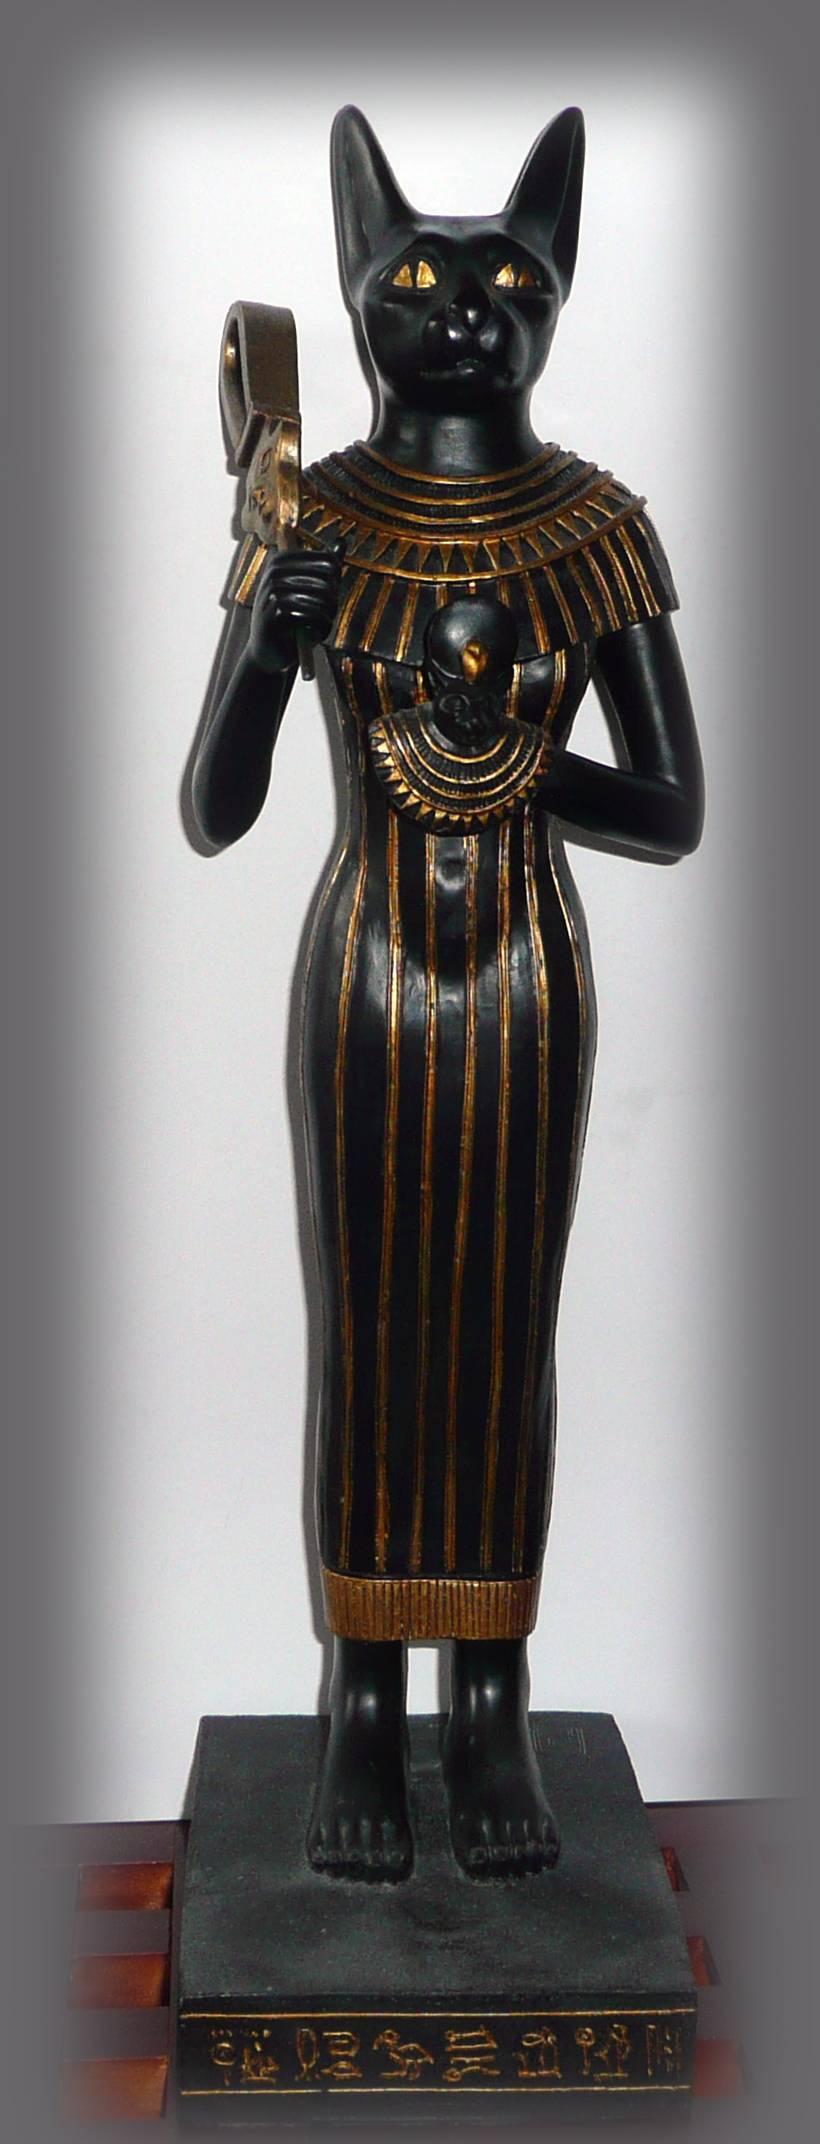 Мифы древнего египта: боги и их роль в мифологии, история сотворения мира